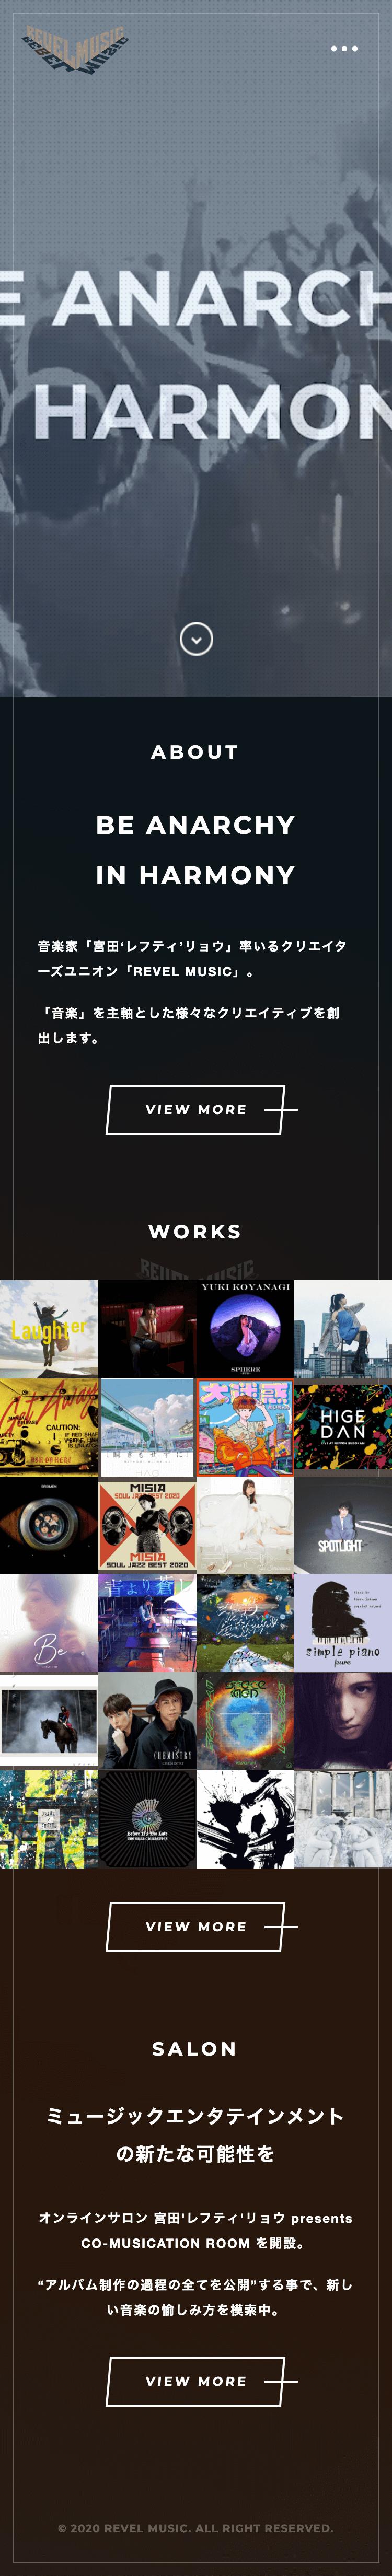 REVEL MUSIC スマホサイトデザイン